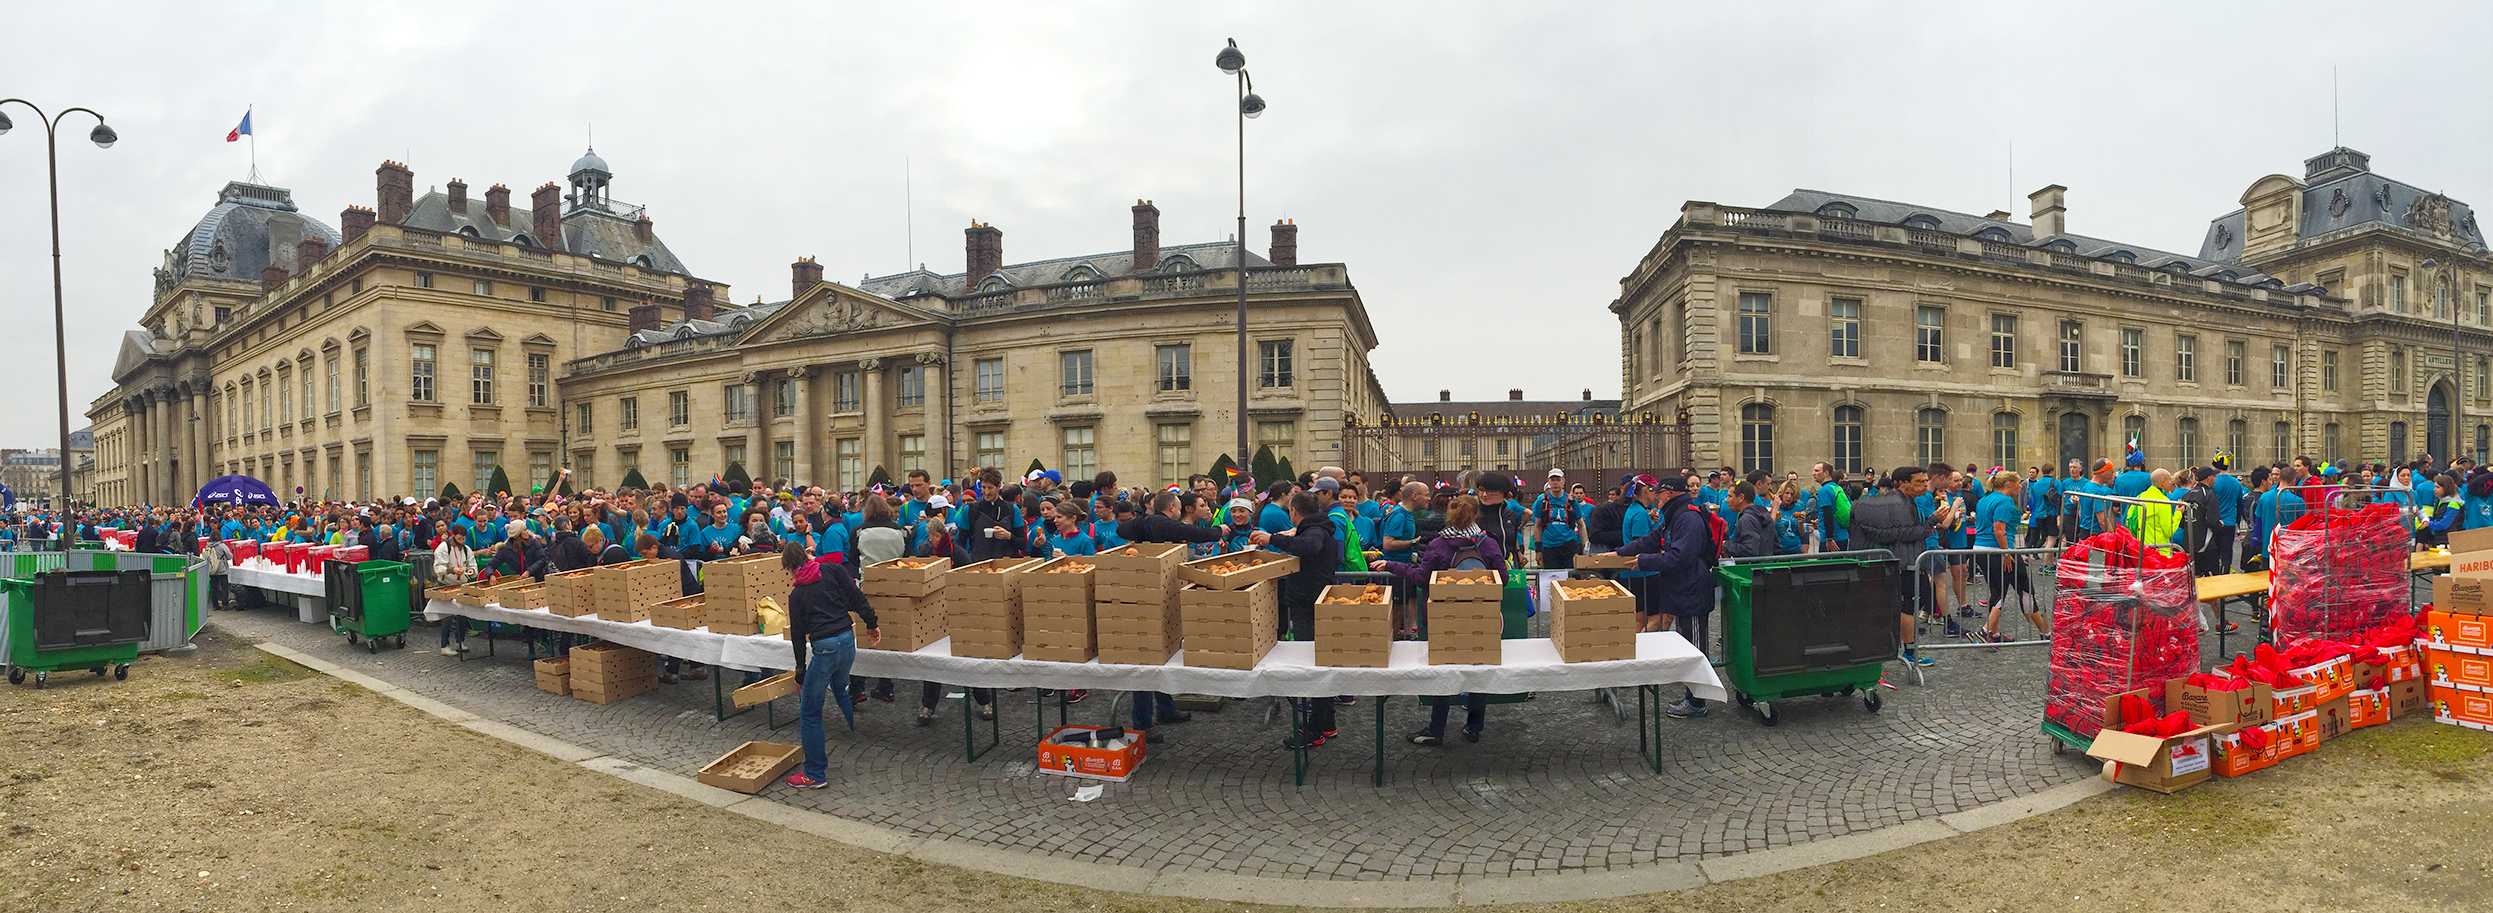 Paris Marathon 2016 Breakfast Run Queue